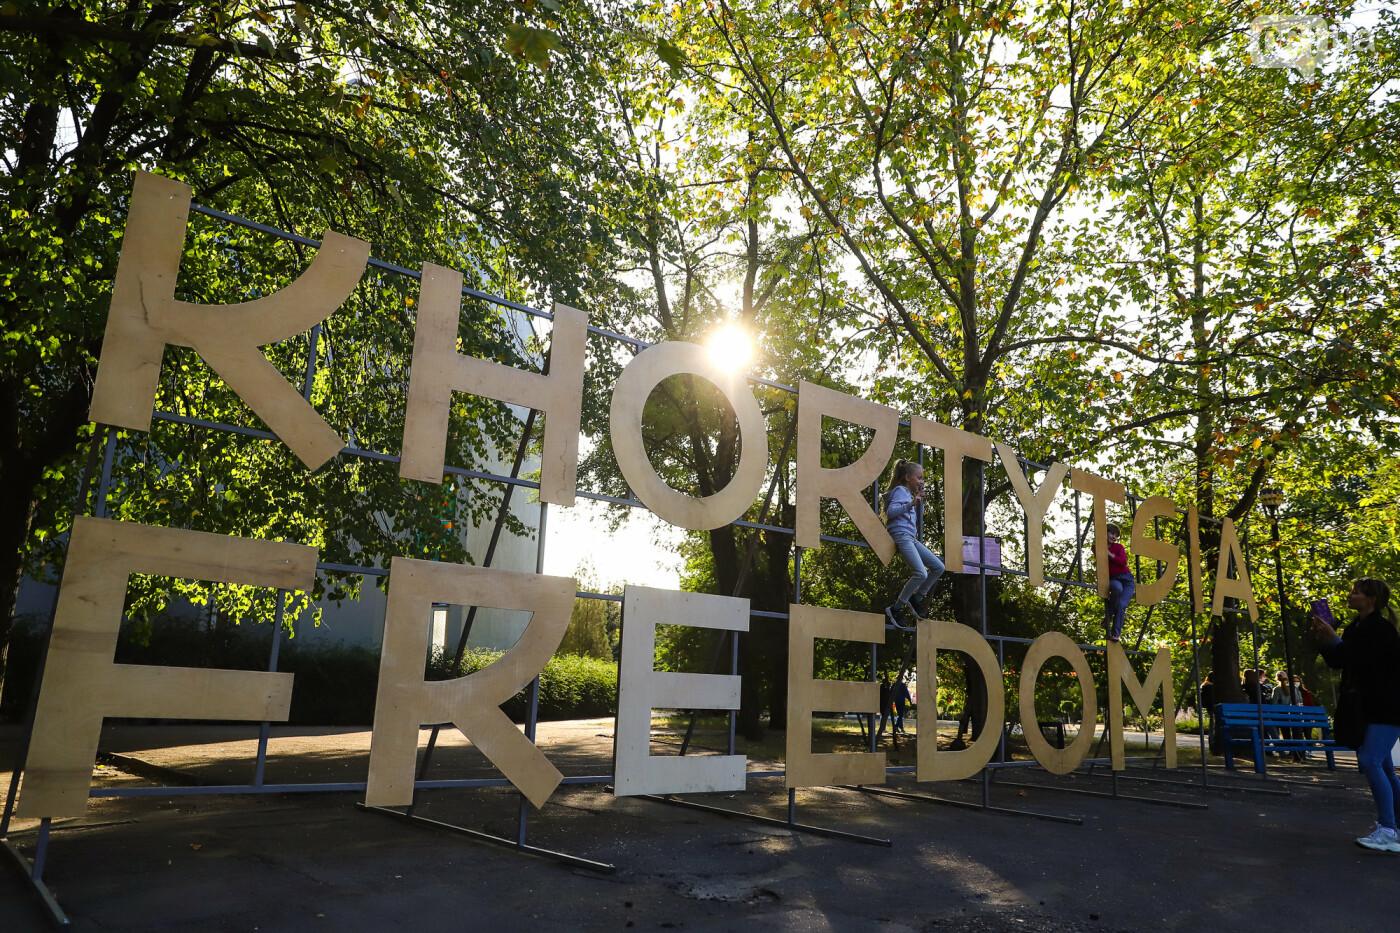 ЛГБТ-прайд, эко-митинг и восстановленные скульптуры в сквере Пионеров: сентябрь в фотографиях , фото-66